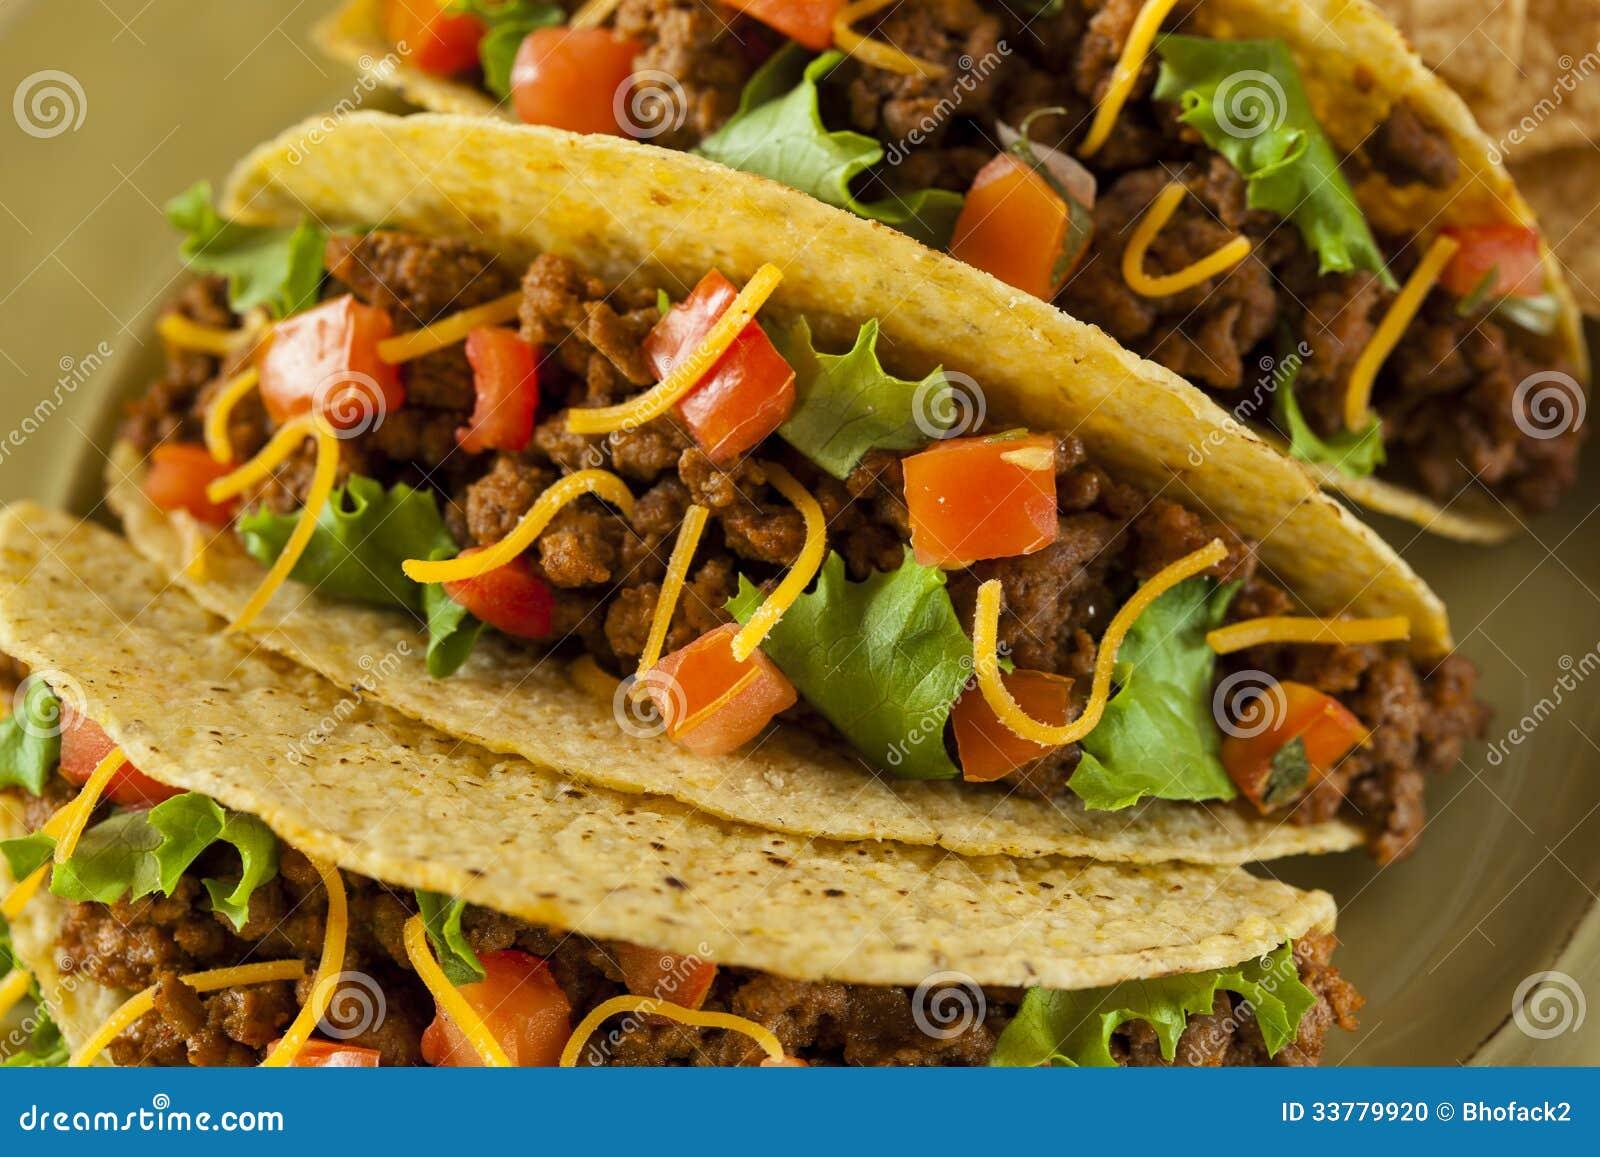 Tacos Fait Maison De Boeuf Haché Photo stock - Image: 33779920